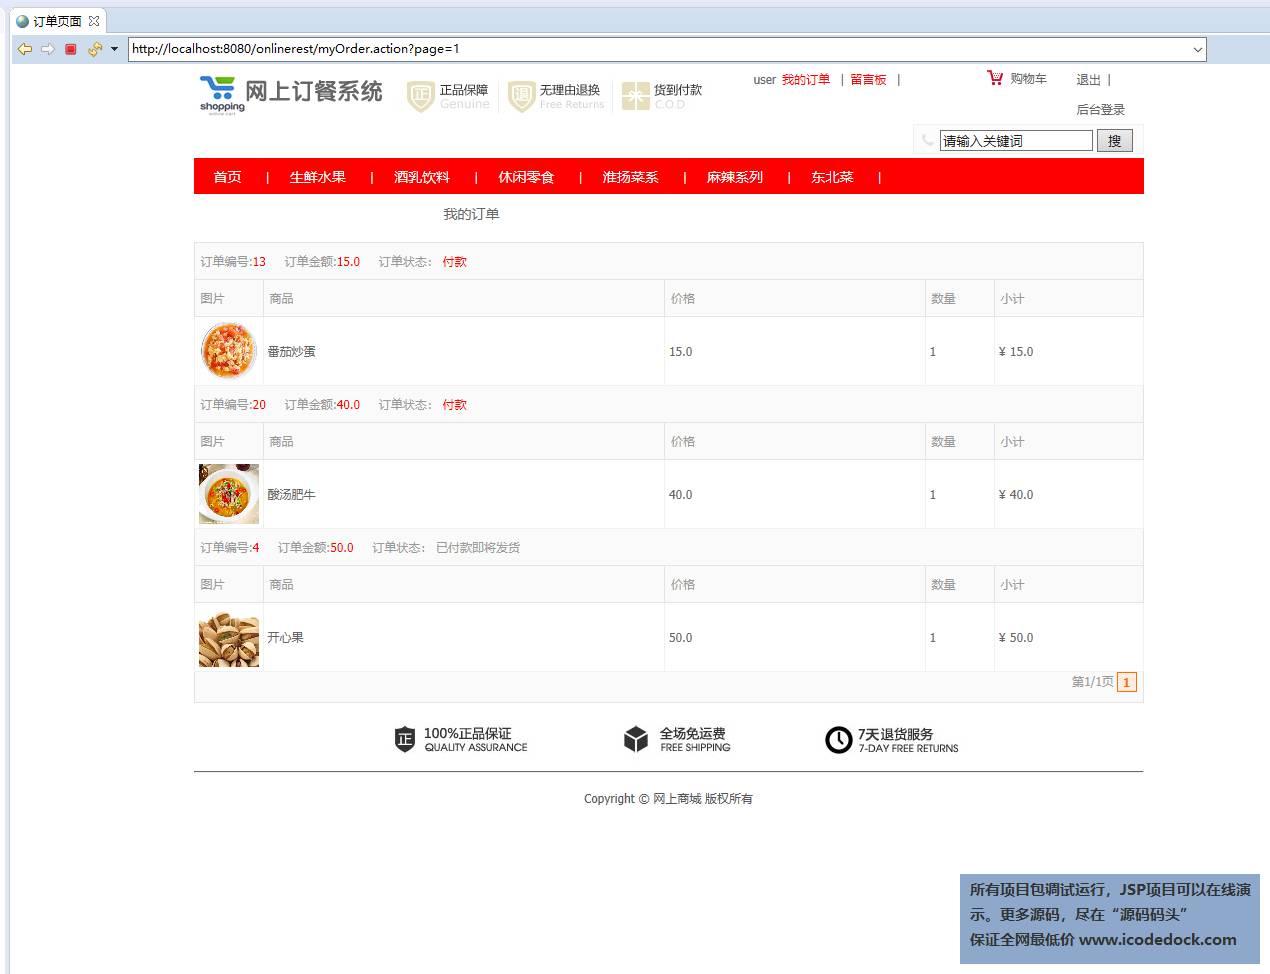 源码码头-SSM网上外卖订餐管理系统-用户-查看订单